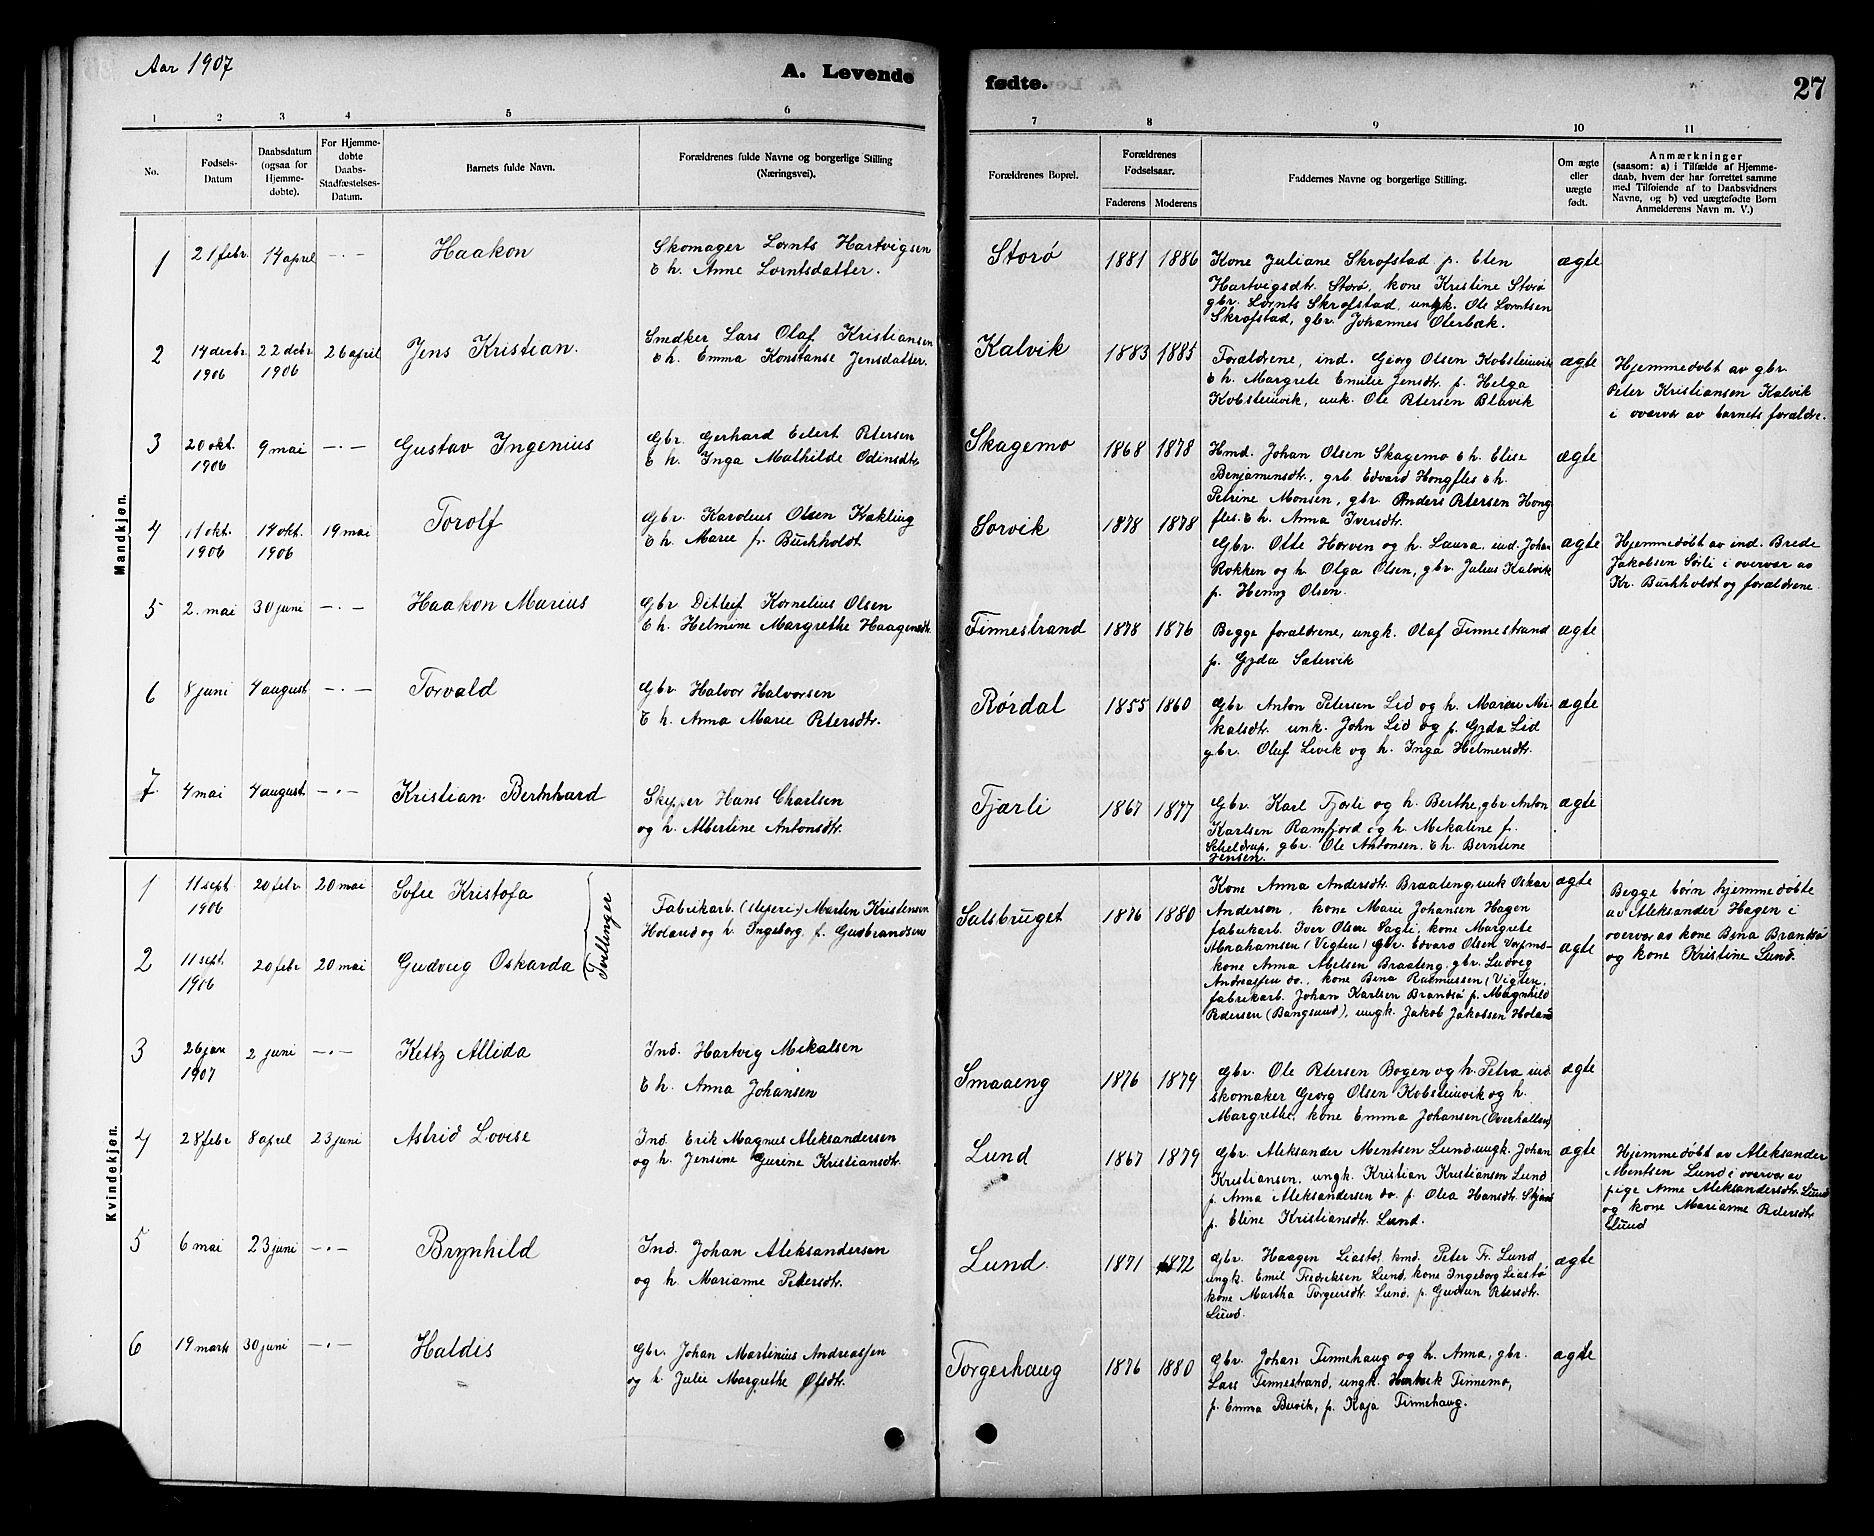 SAT, Ministerialprotokoller, klokkerbøker og fødselsregistre - Nord-Trøndelag, 780/L0652: Klokkerbok nr. 780C04, 1899-1911, s. 27